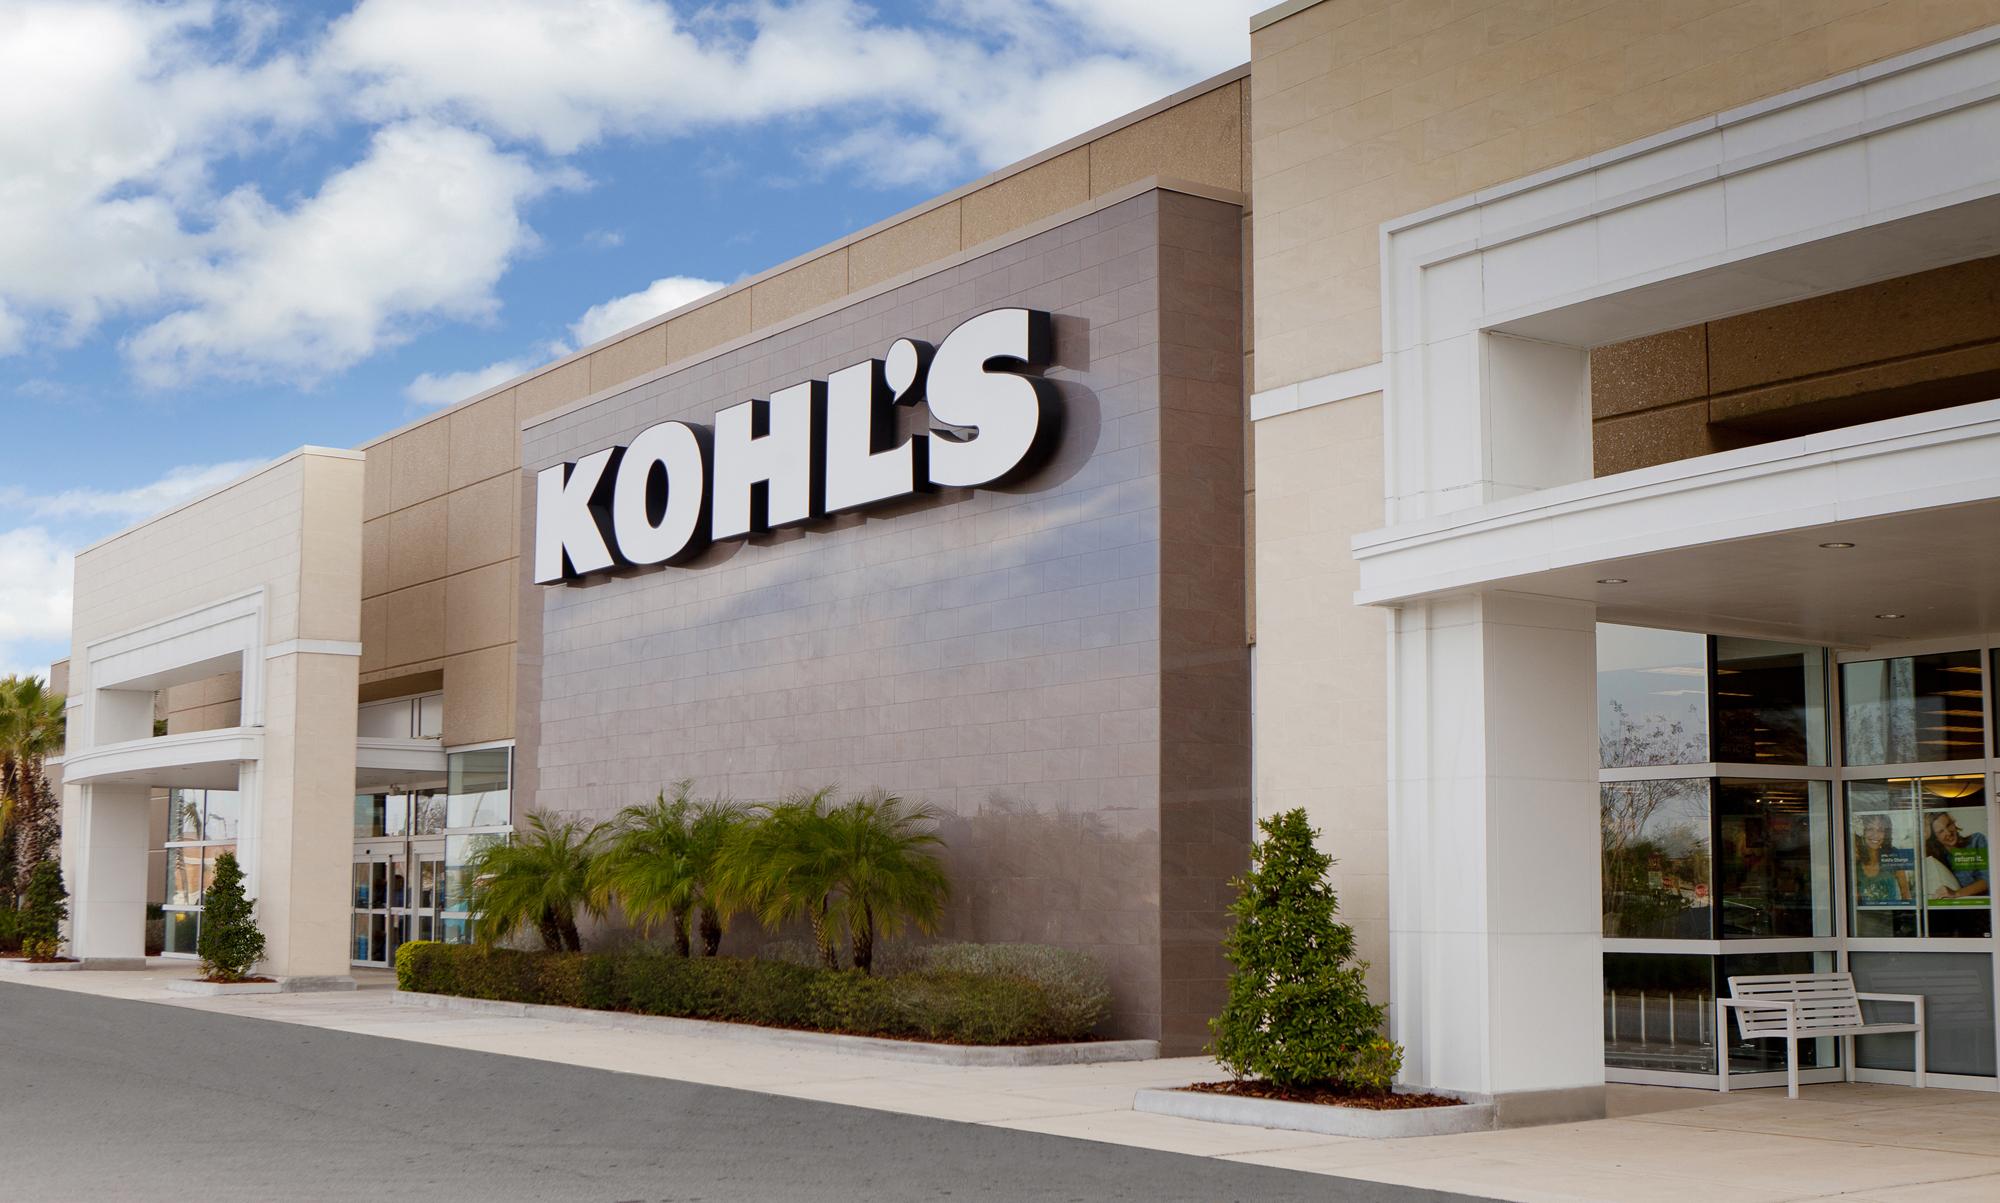 Kohl's storefront.